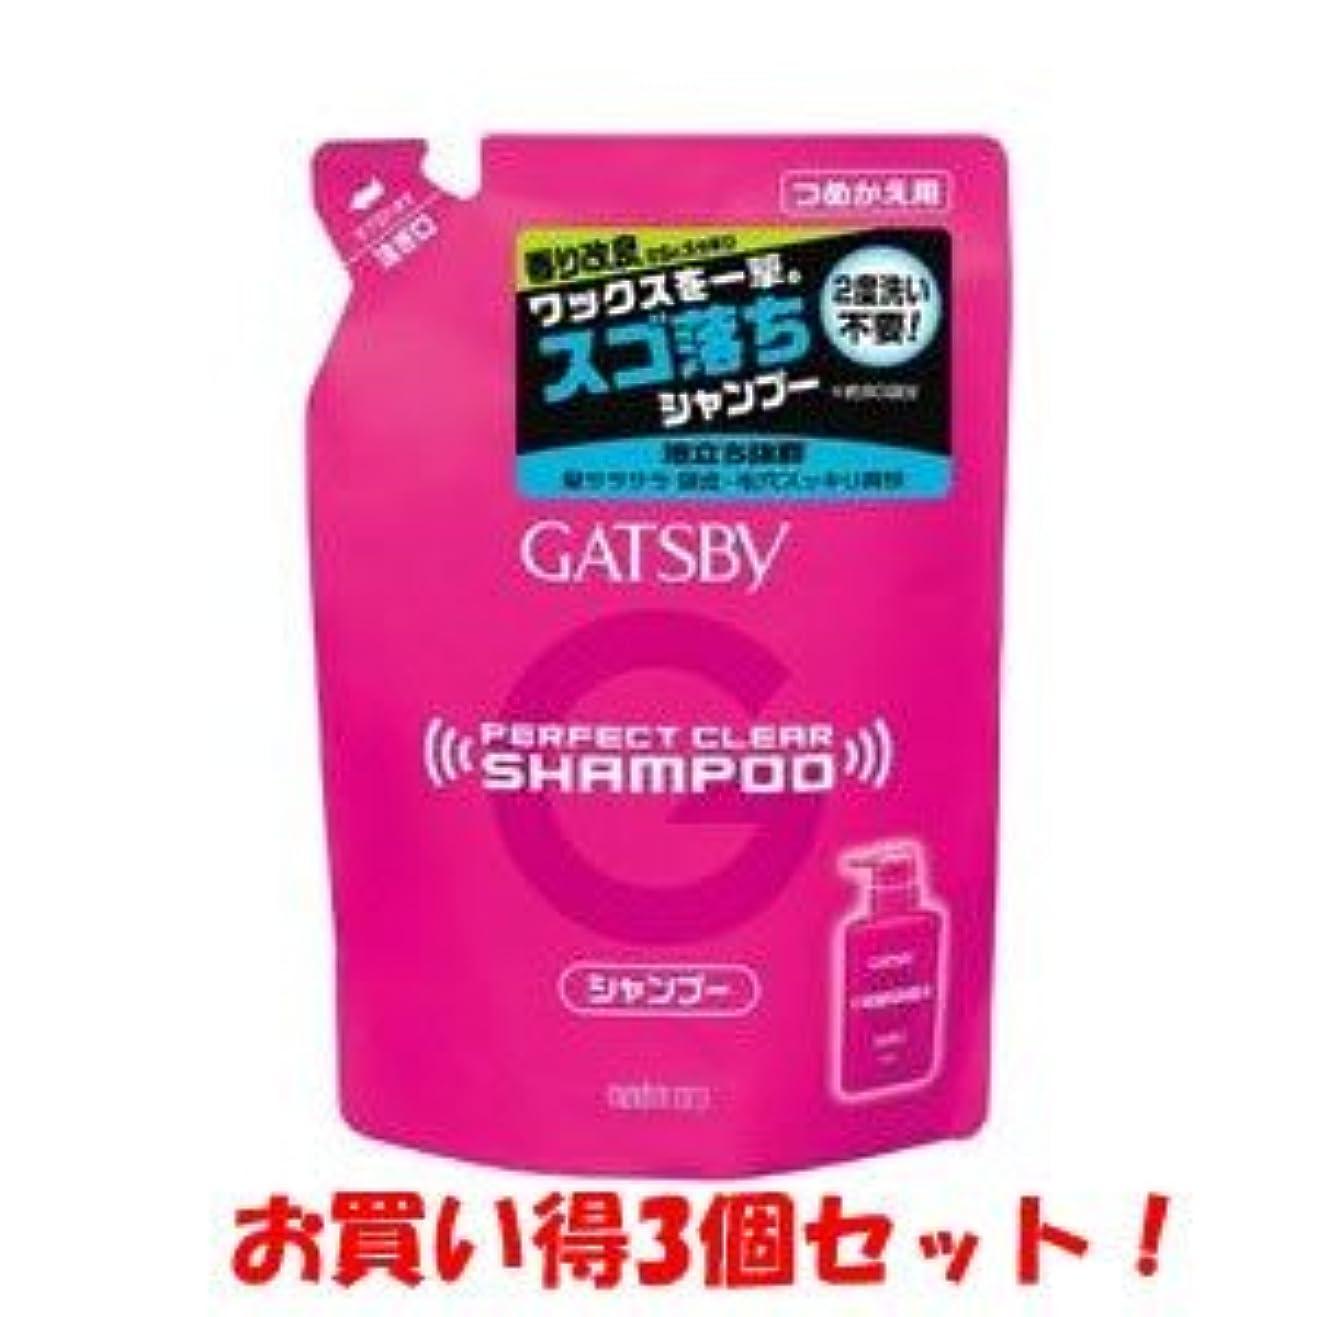 ケーキ俳句バラ色ギャツビー【GATSBY】パーフェクトクリアシャンプー 詰替 320ml(お買い得3個セット)